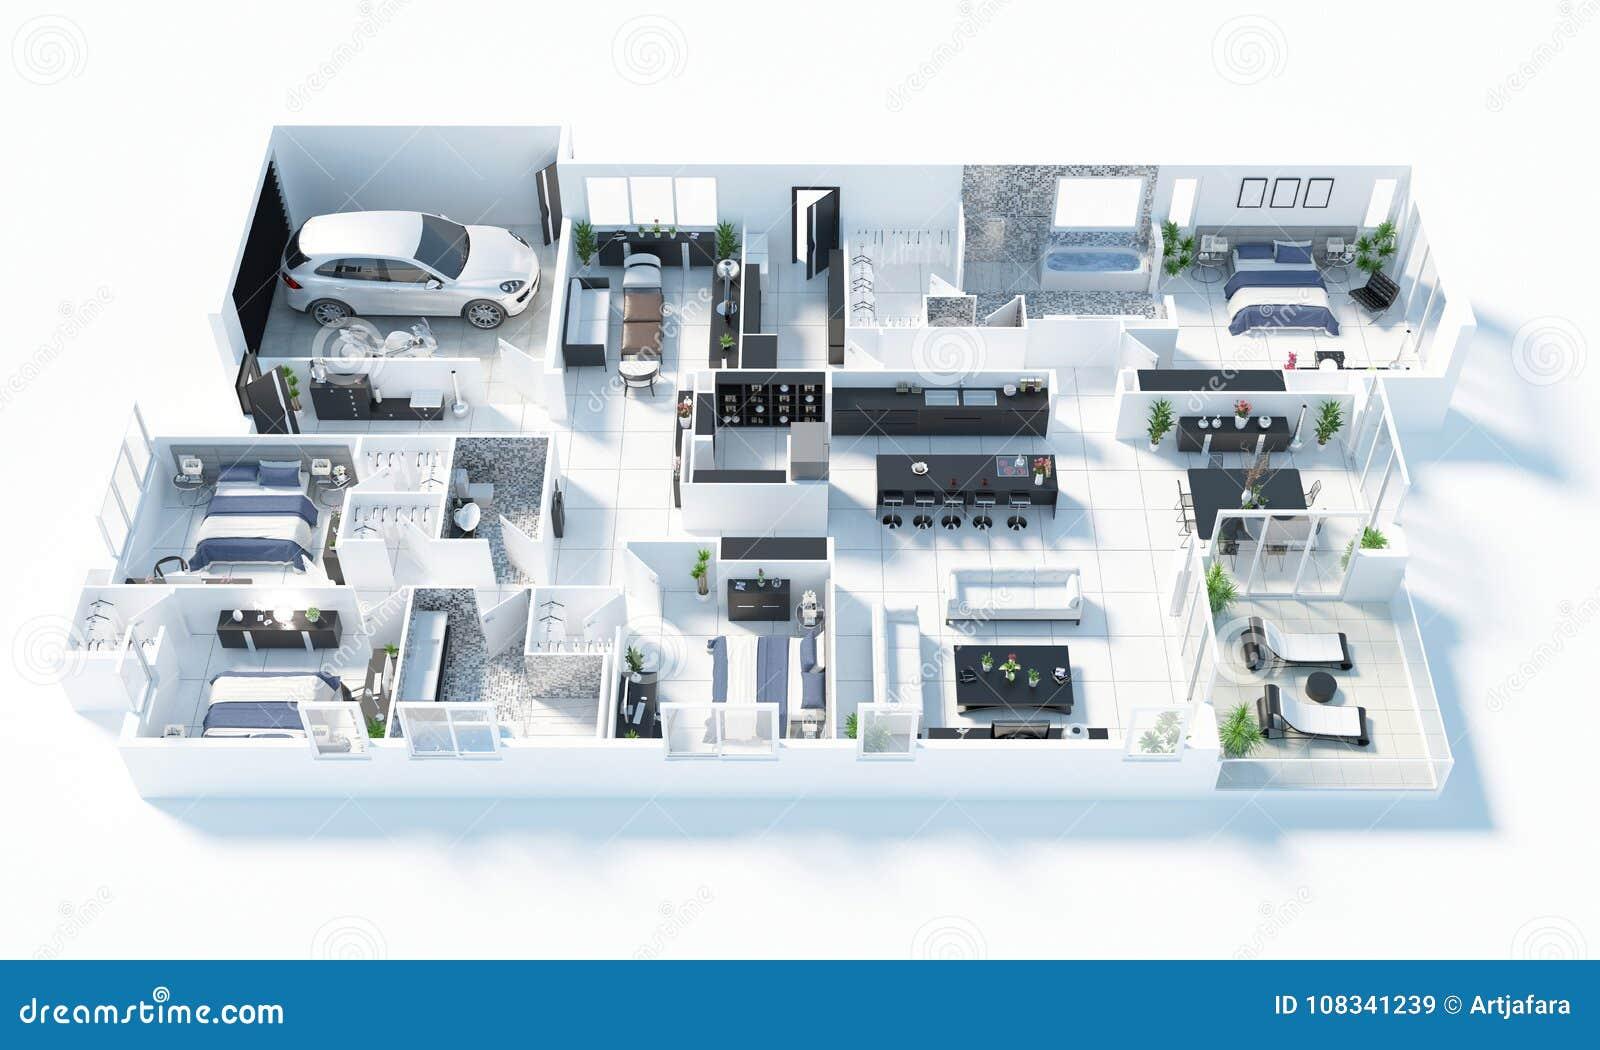 Grundriss Einer Illustration Der Draufsicht 3D Des Hauses Öffnen Sie ...